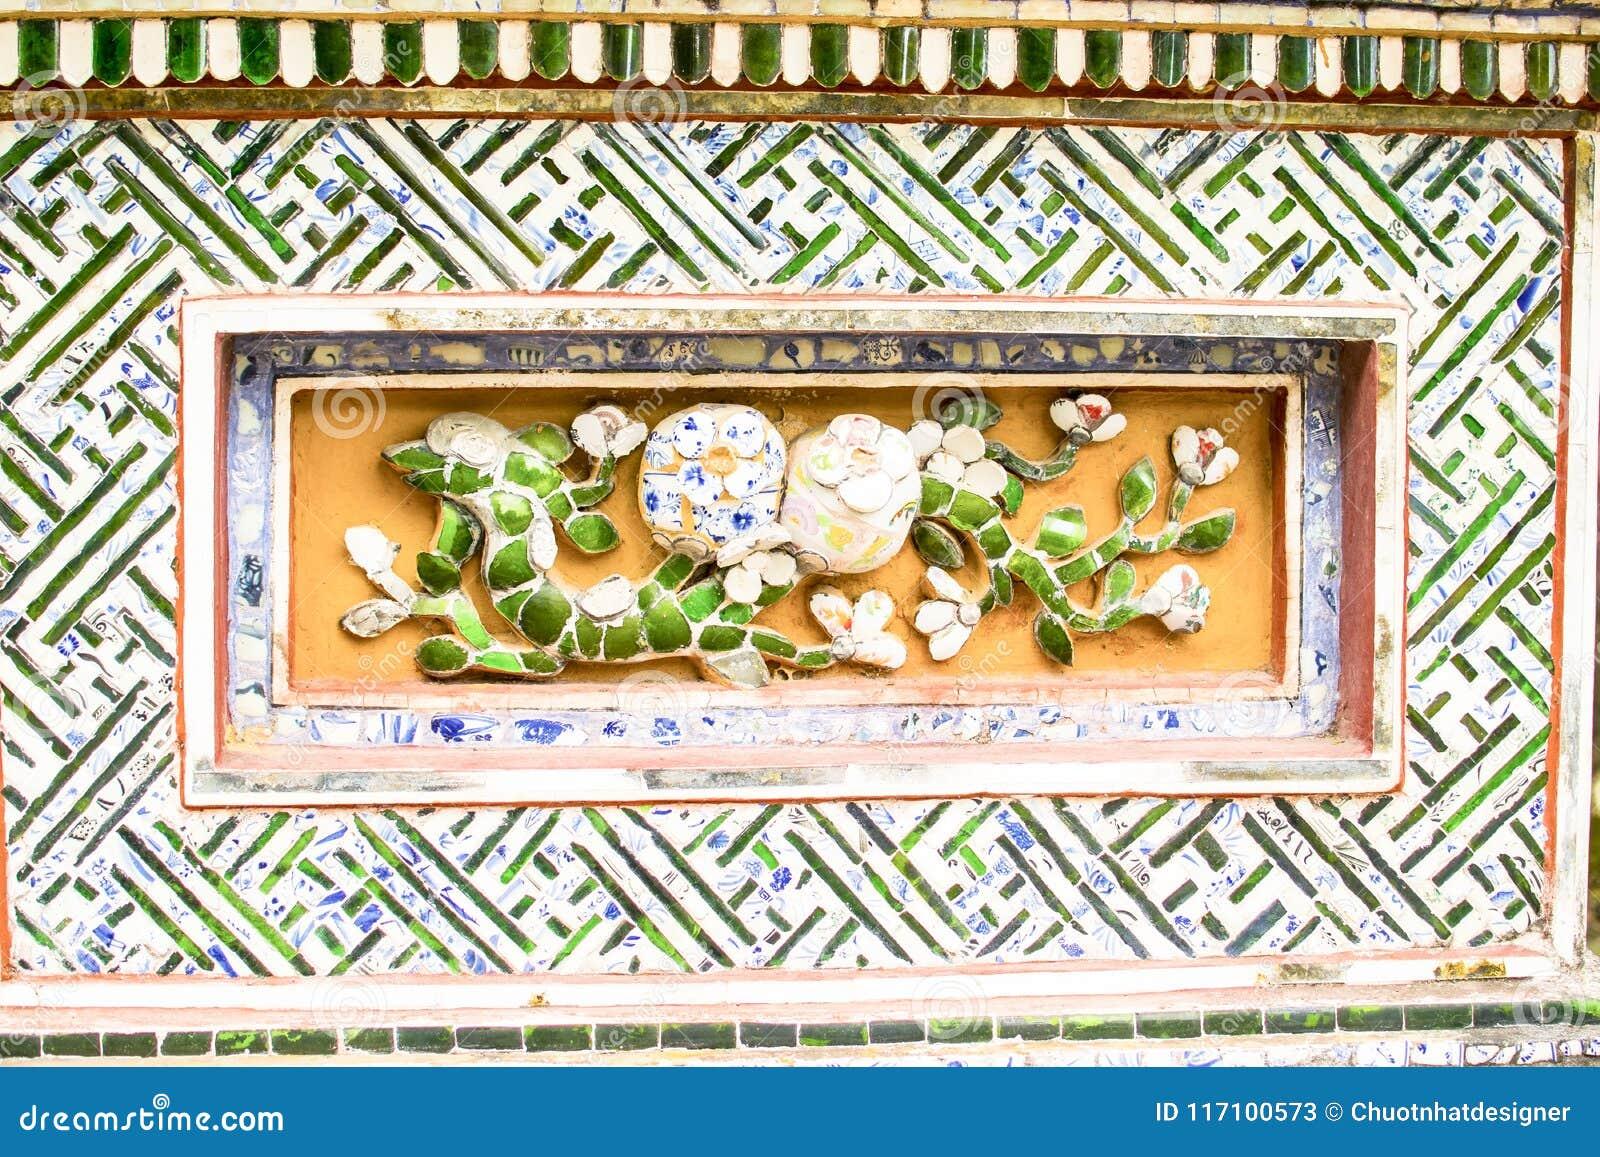 TINT, VIETNAM, 28 April, 2018: Fragment van een oude muur met een oud decoratief element vietnam